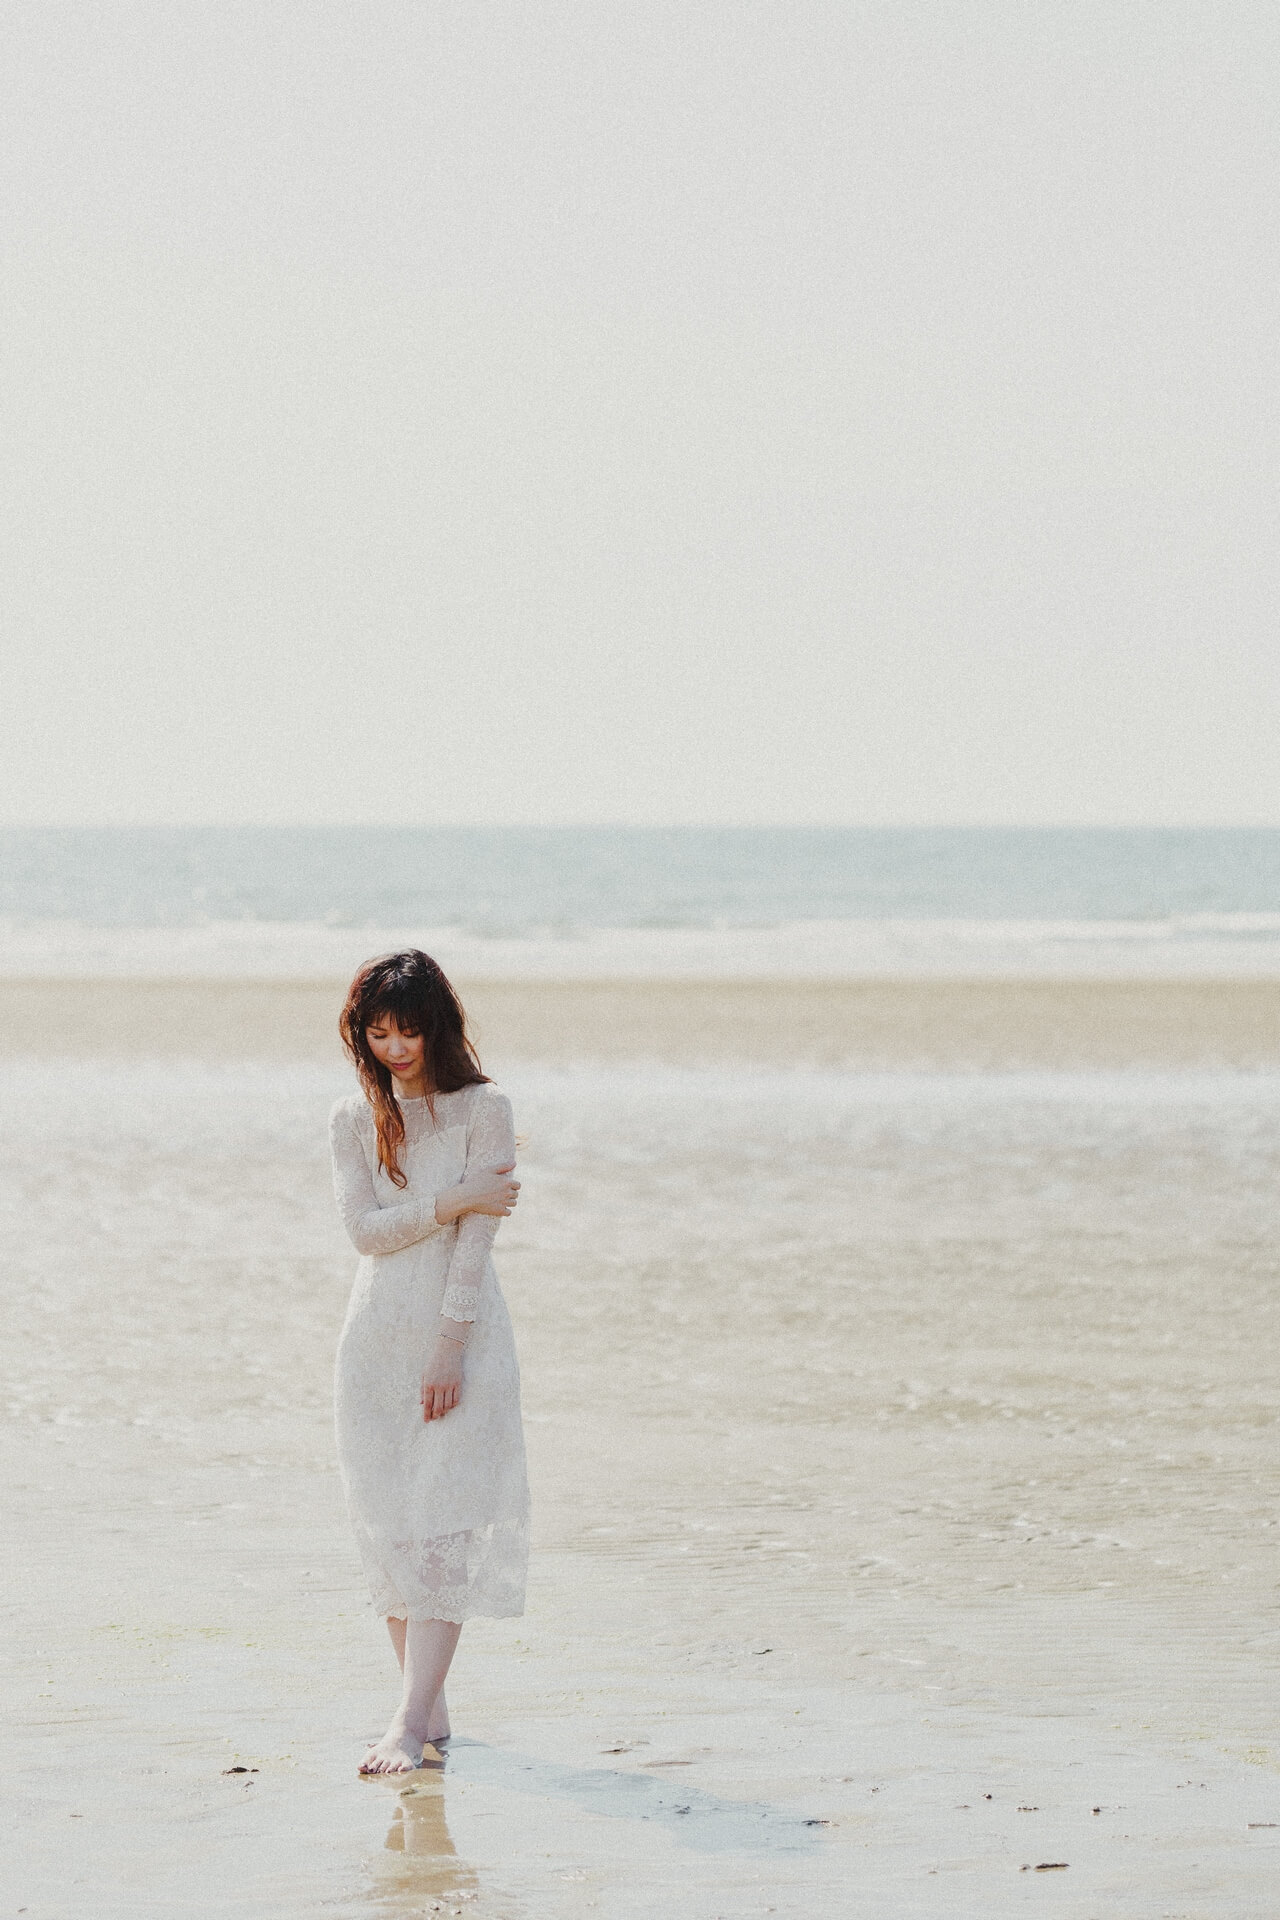 max fine art  攝影工作室 最佳婚禮紀錄推薦 海外婚禮推薦 底片風格 戶外婚禮推薦 台北婚攝 婚攝推薦 推薦婚攝 - 0007.jpg